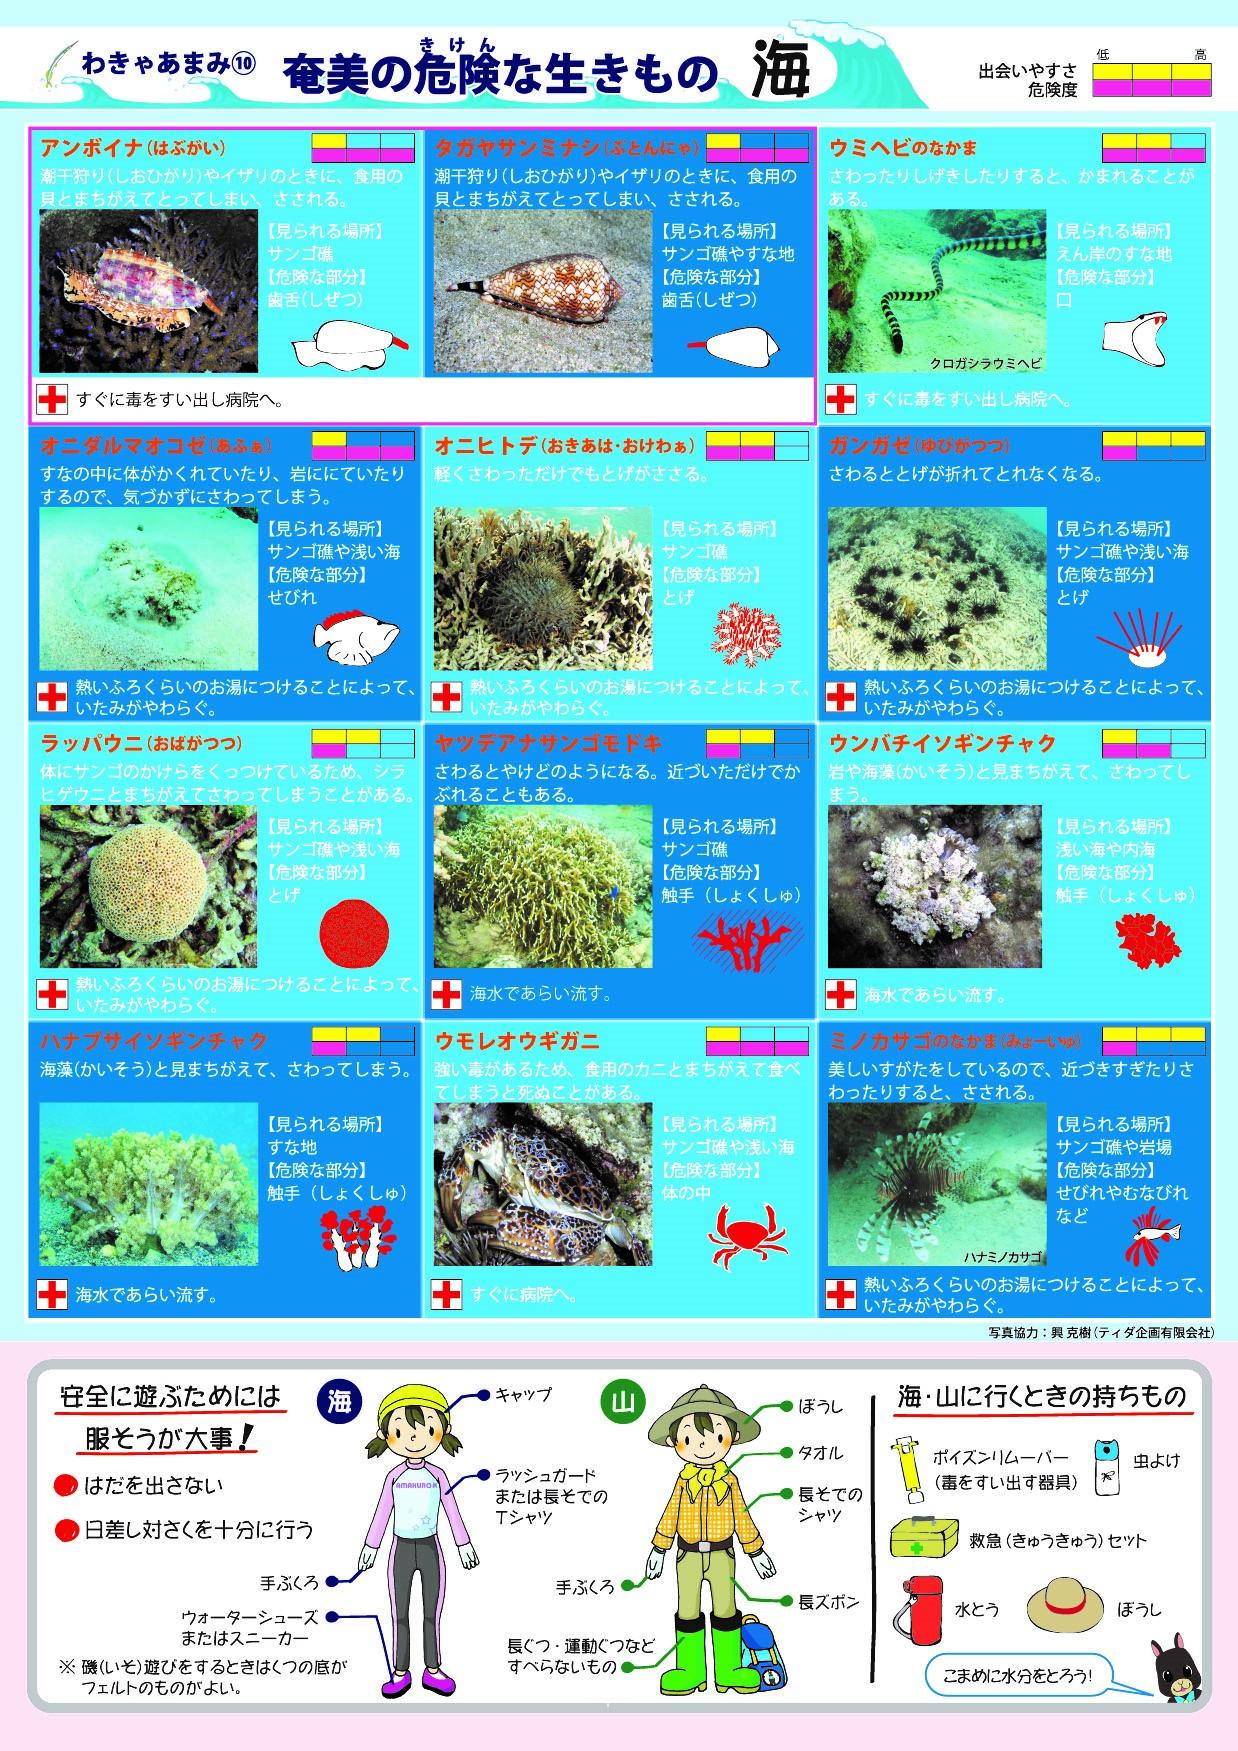 奄美の海の危険生物